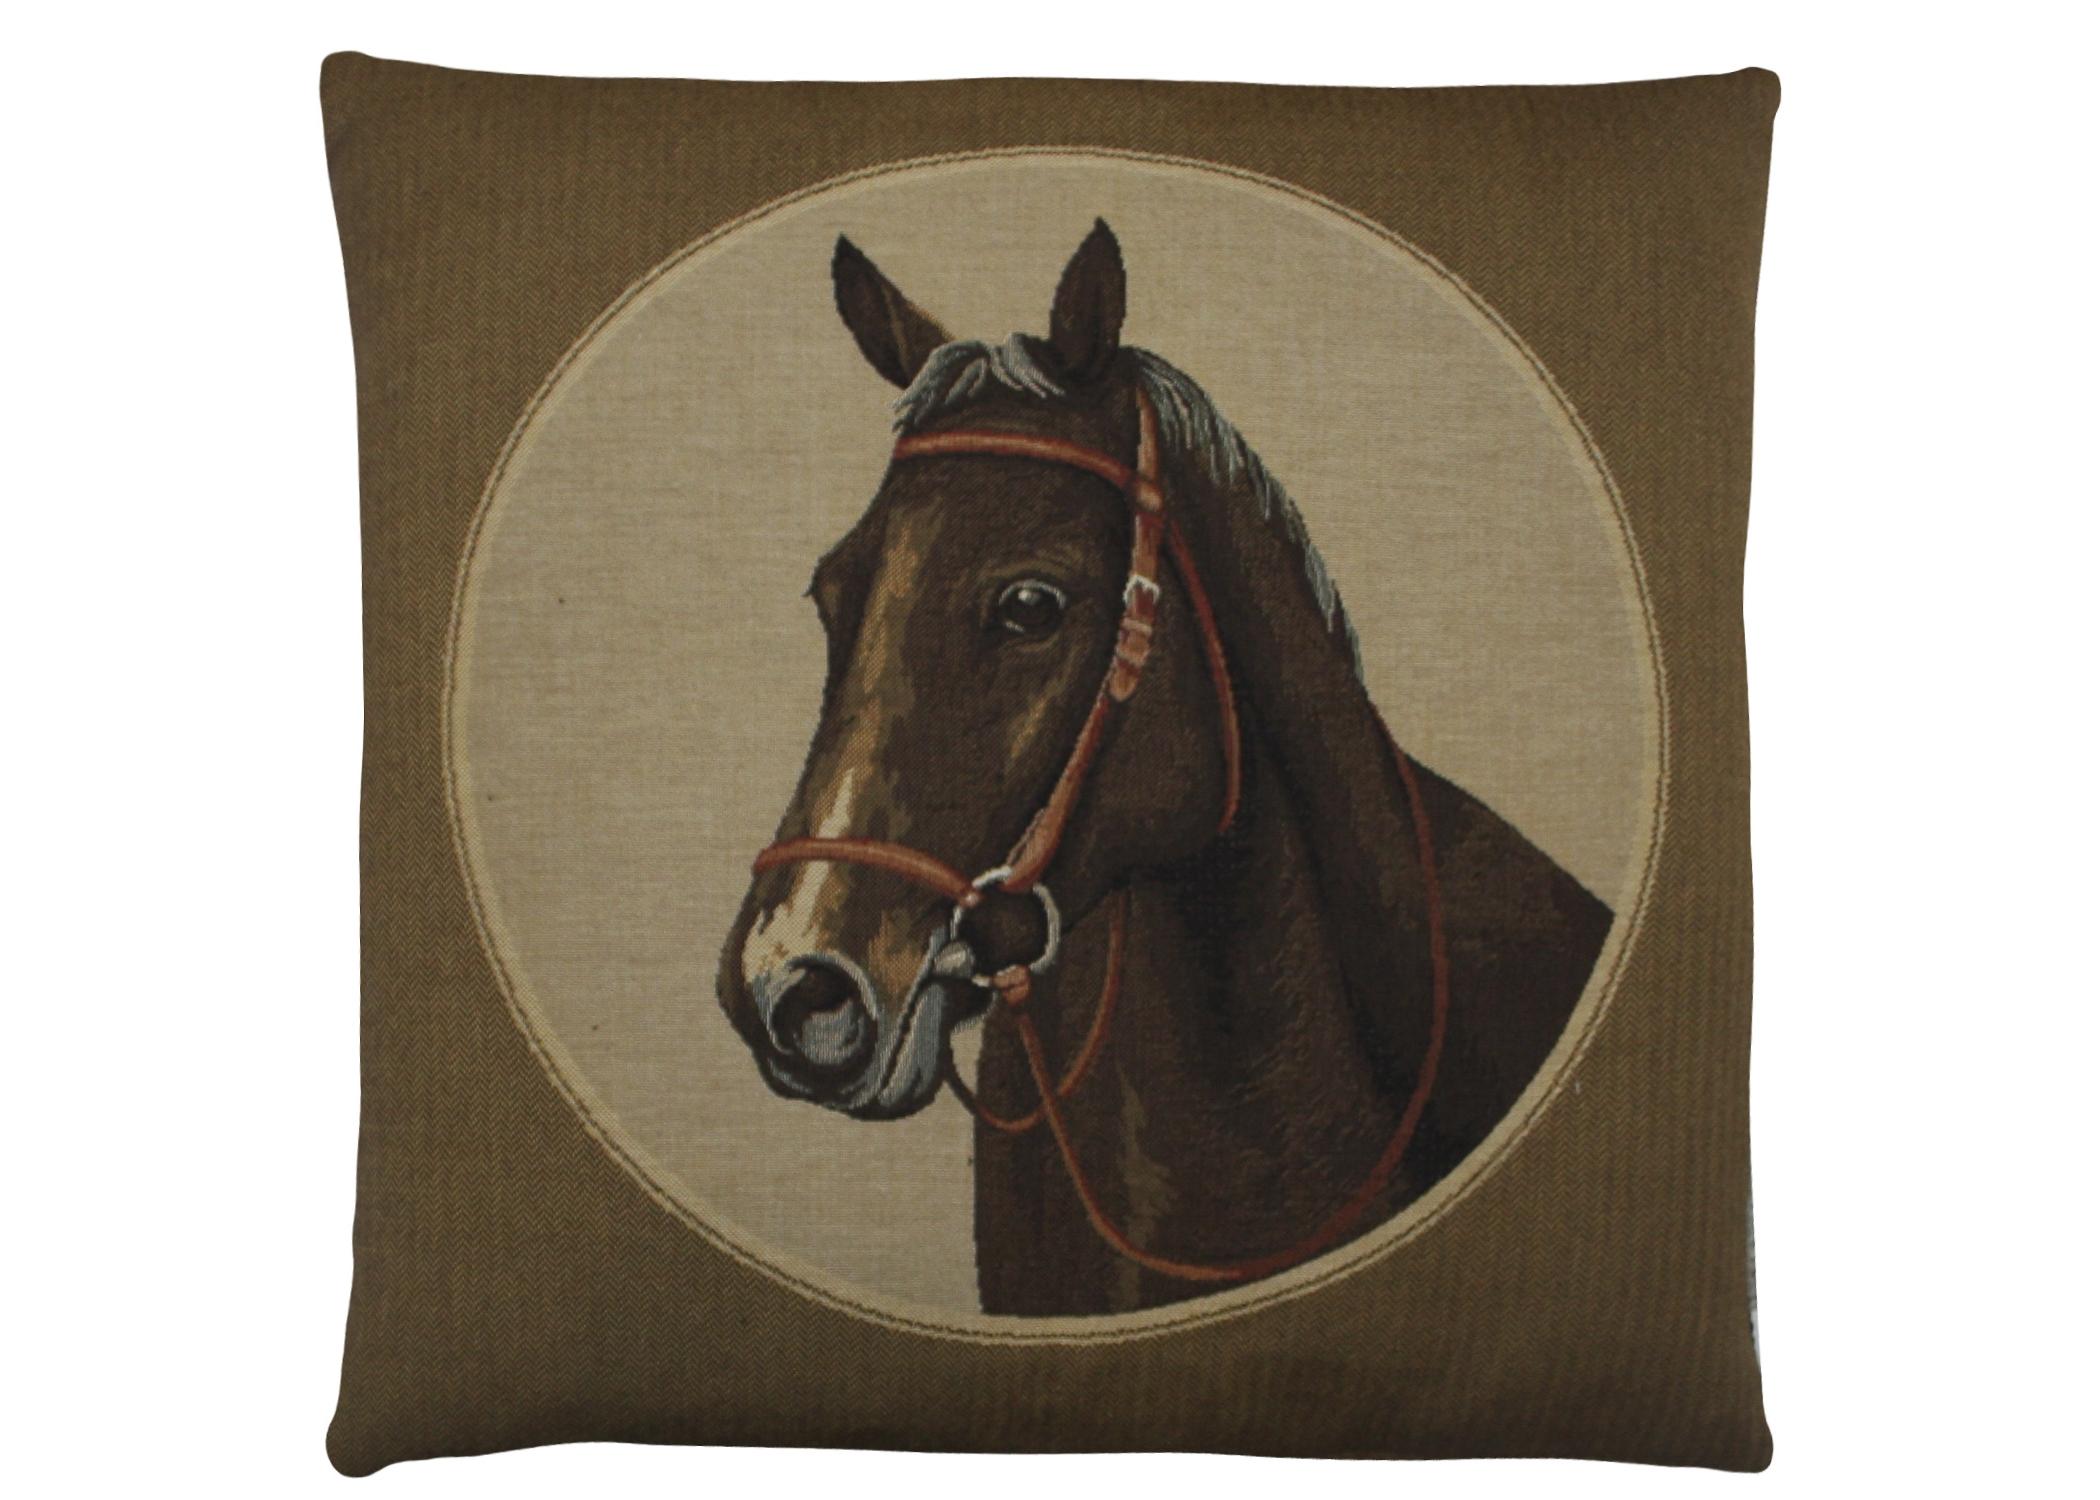 ПодушкаКвадратные подушки<br>Интерьерная подушка с изображением лошади – подходящее украшение для интерьера в классическом британском стиле или другом, немного брутальном, имитирующем атмосферу охотничьего домика в лесу. Для еще большей аутентичности – сдержанная цветовая гамма и рисунок-гобелен.<br><br>Material: Текстиль<br>Length см: None<br>Width см: 45<br>Height см: 45